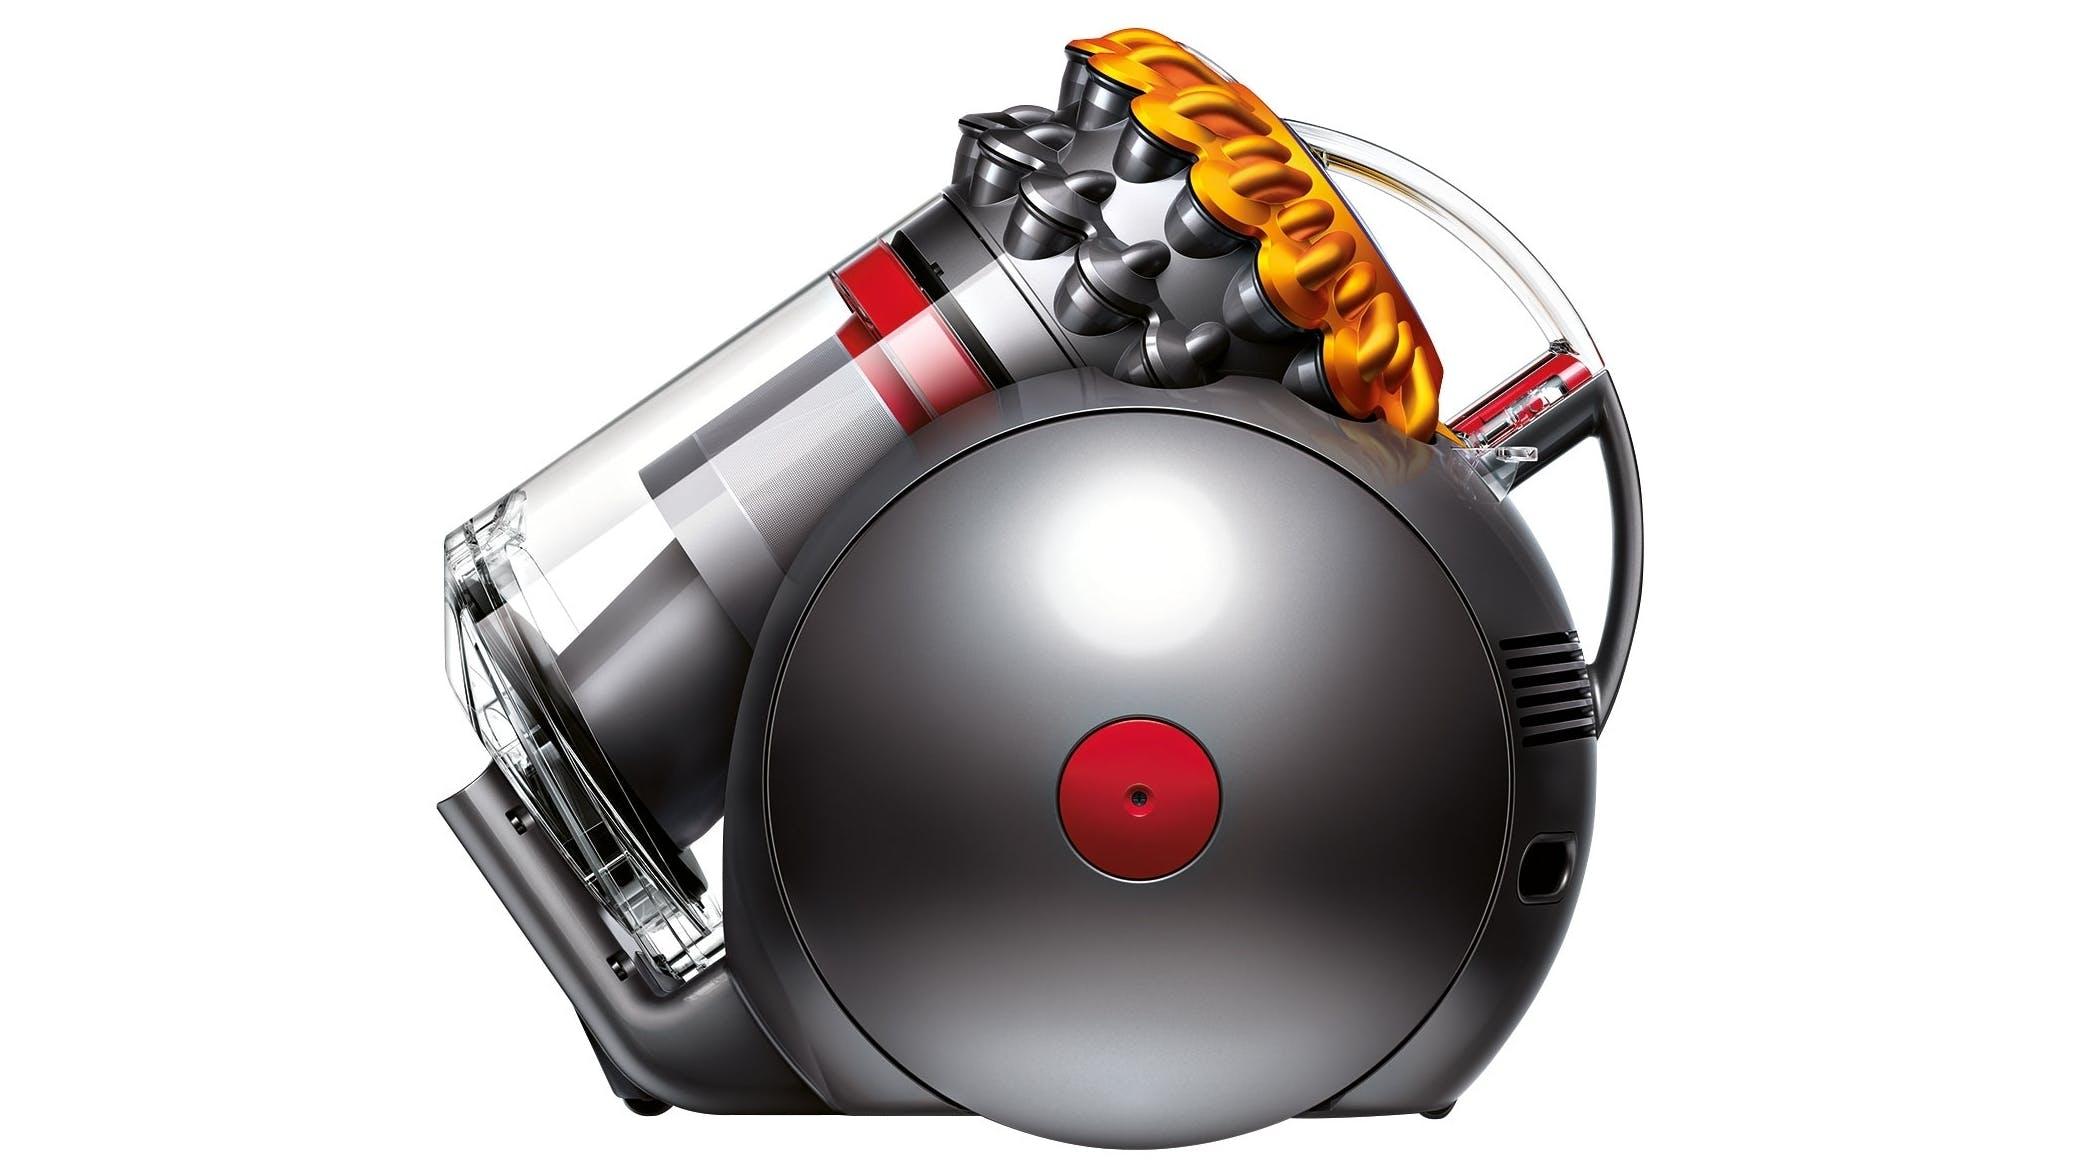 dyson big ball origin barrel vacuum cleaner domayne. Black Bedroom Furniture Sets. Home Design Ideas